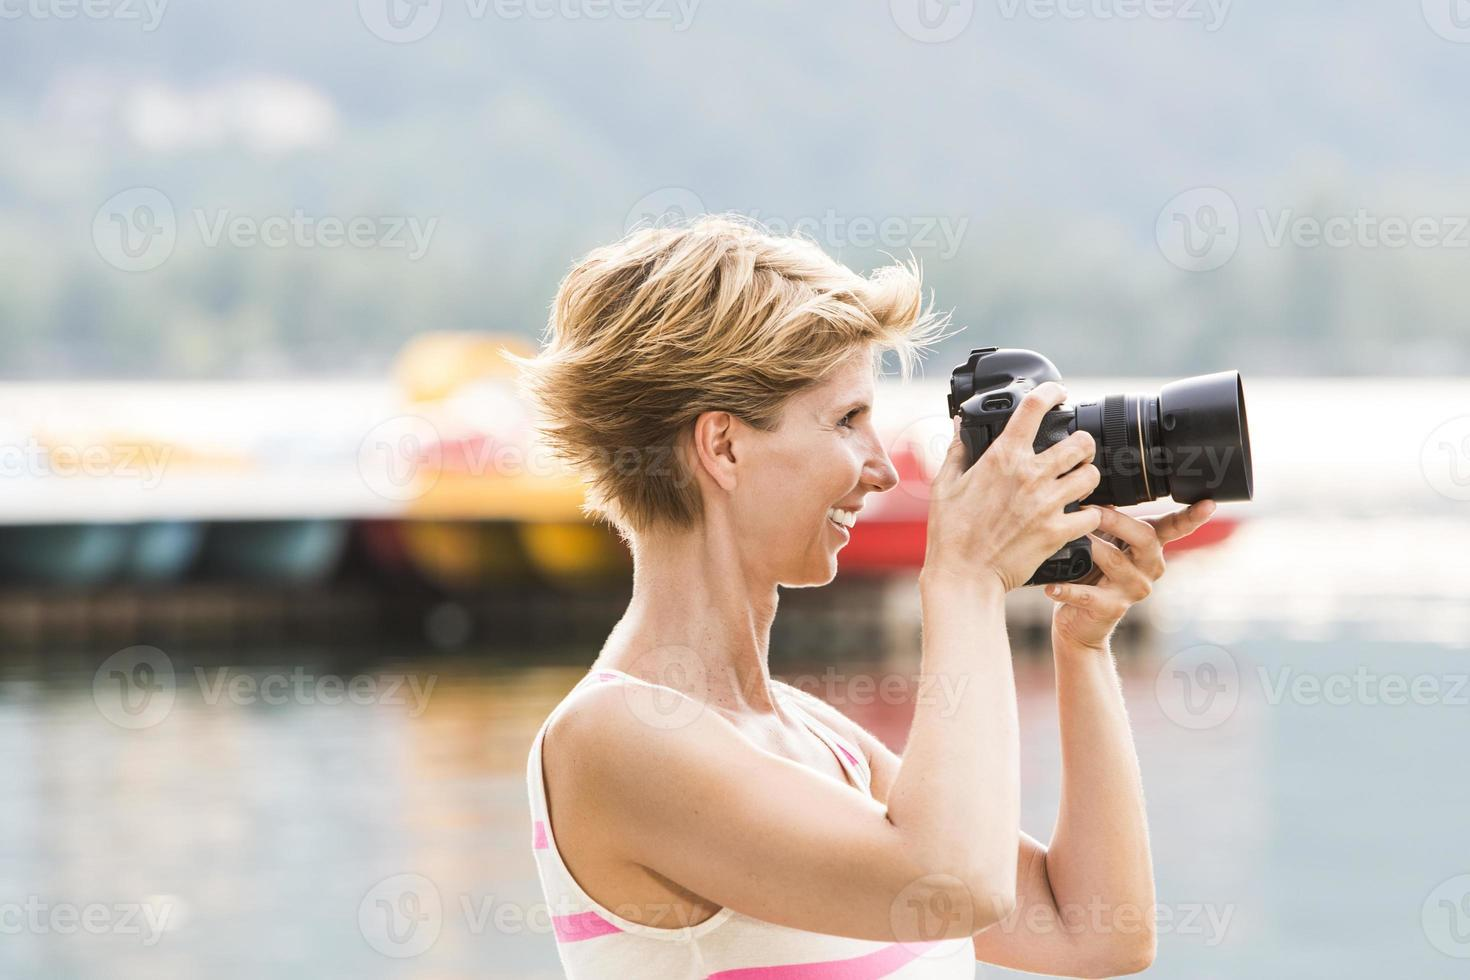 junge frau macht ein foto mit ihrem dslr